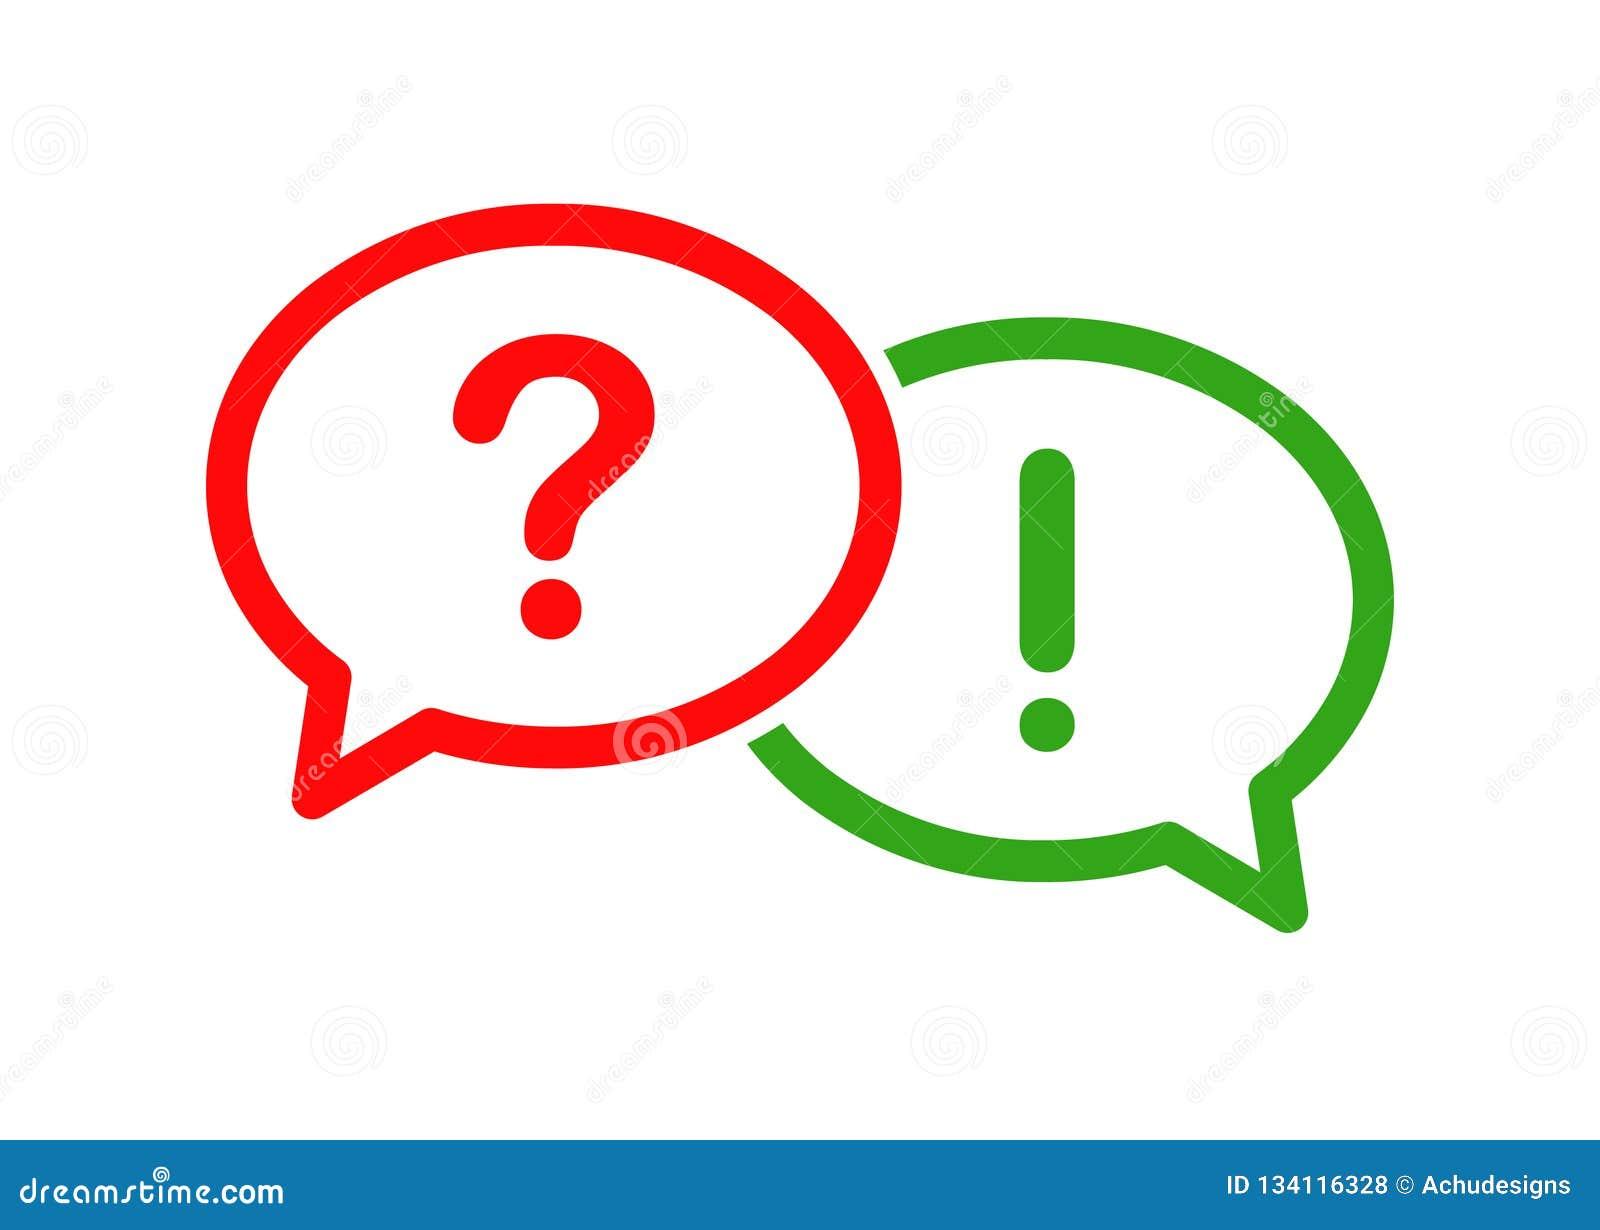 Icono de la burbuja de la pregunta y de la respuesta